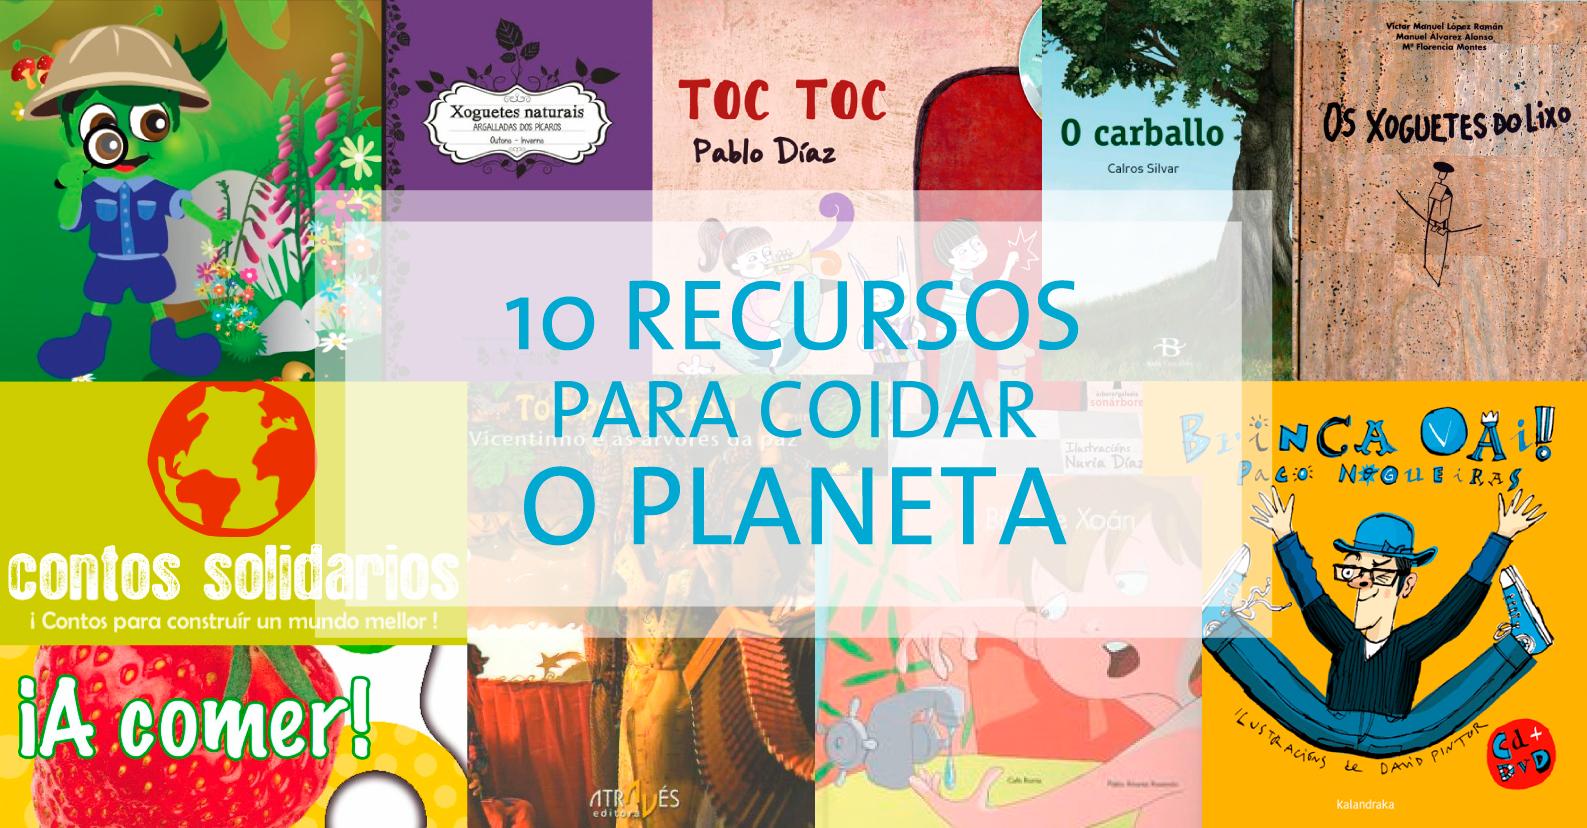 10 Recursos para coidar o planeta